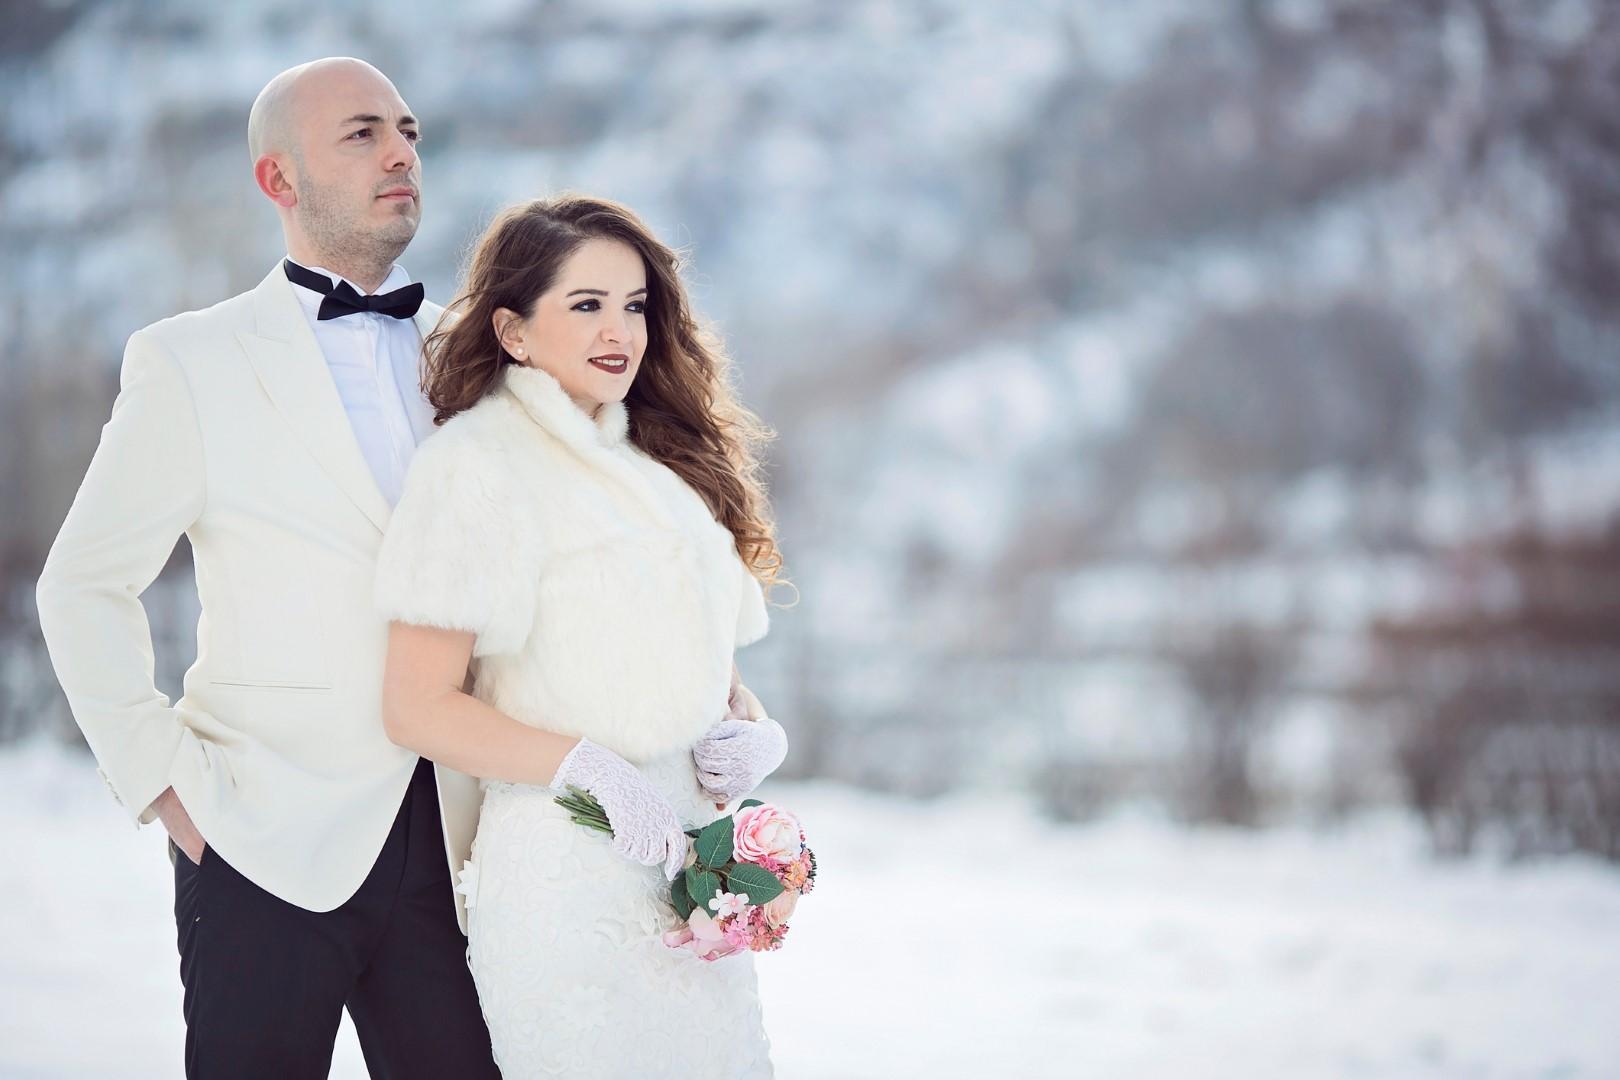 Il fascino delle nozze d'inverno